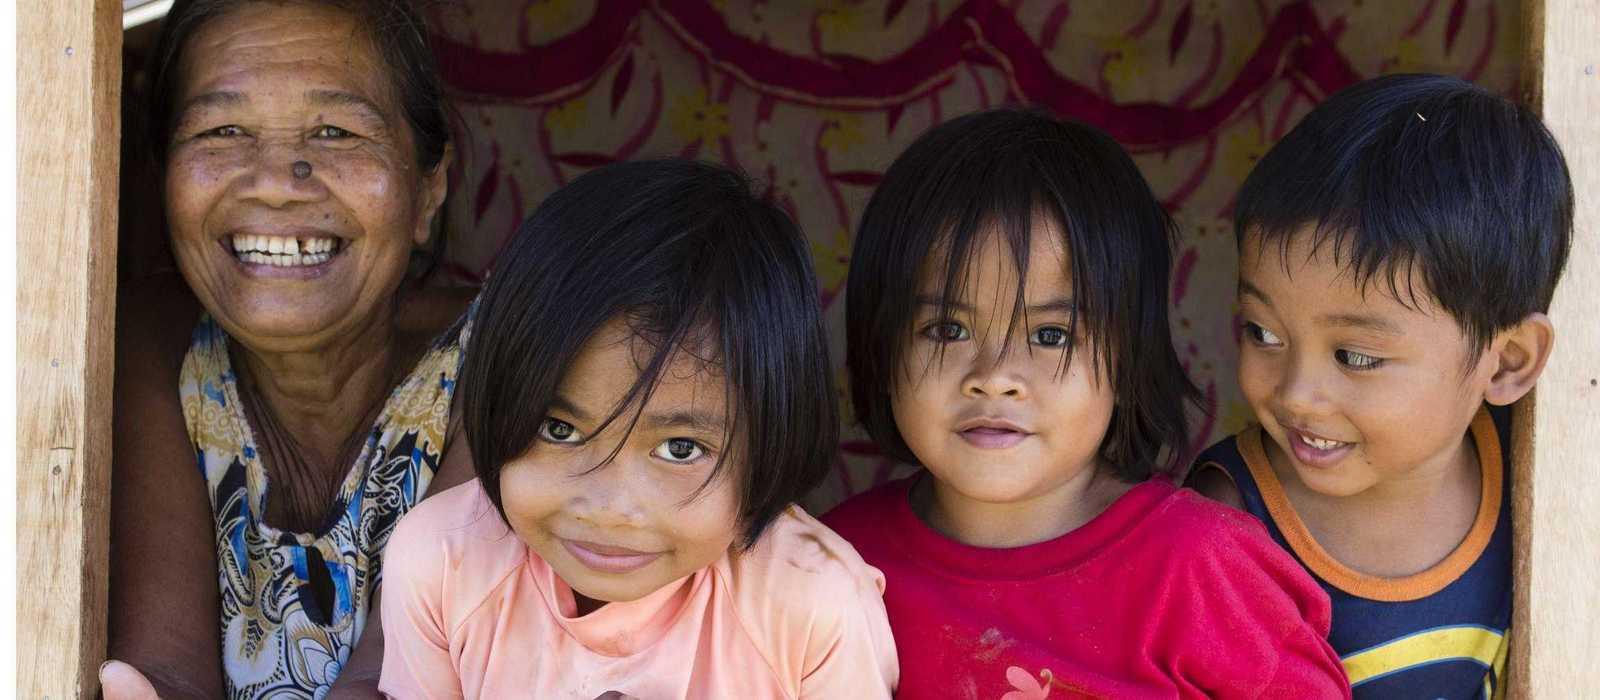 Drei Kinder schauen mit Großmutter aus einem Holzhaus